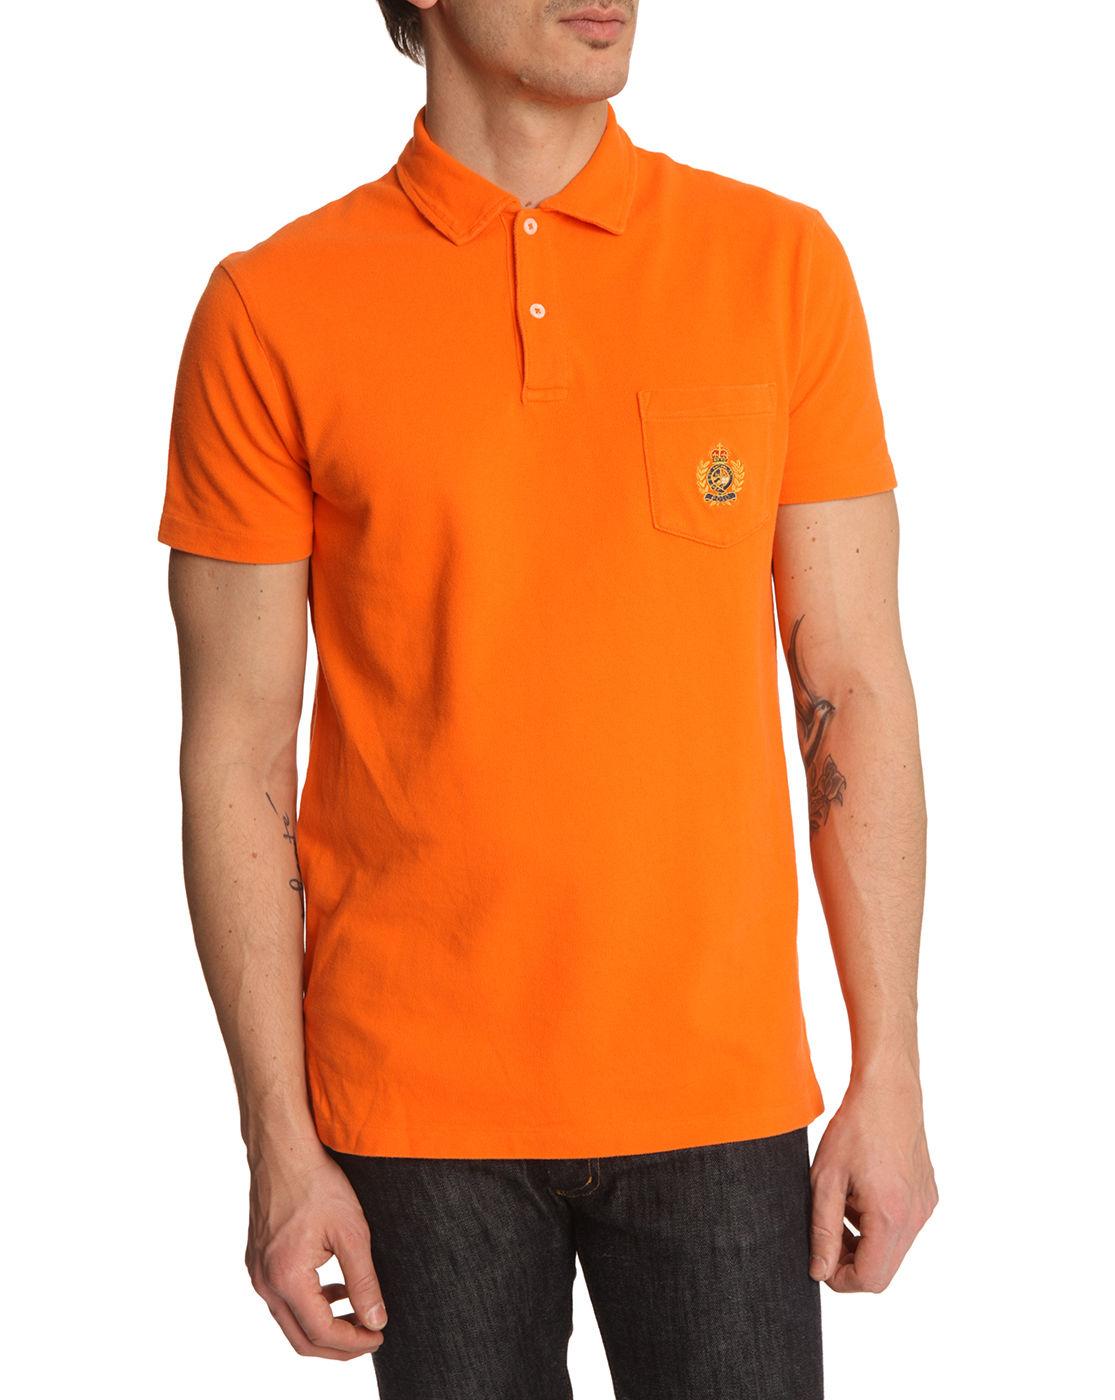 Polo ralph lauren orange polo shirt in orange for men lyst for Orange polo shirt mens